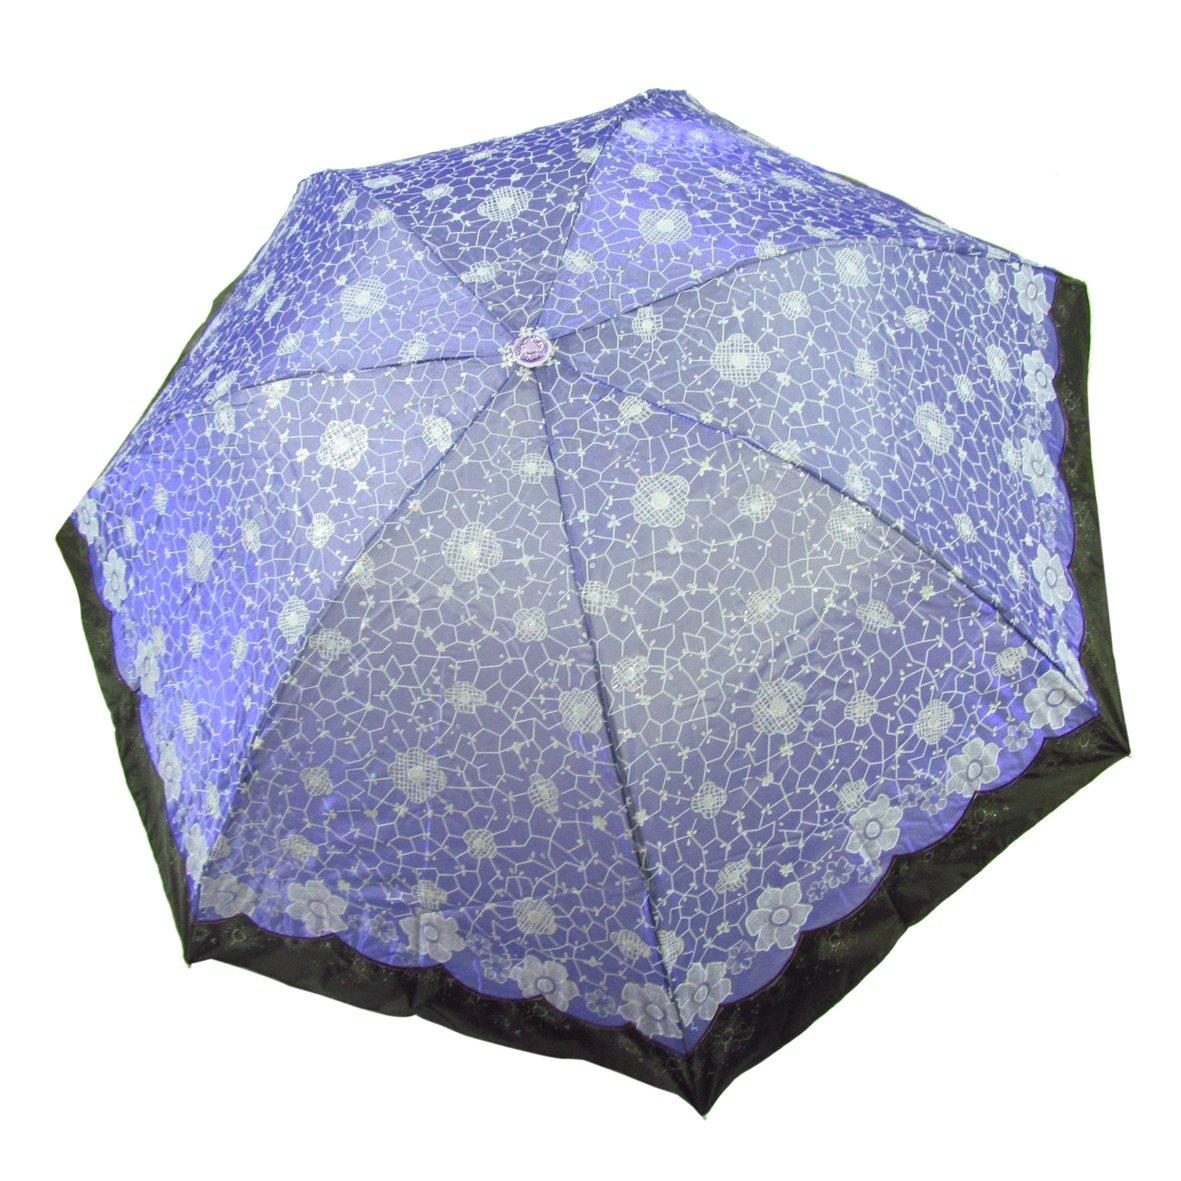 超强防紫外线 变色闪光布 遮阳晴雨伞 33101e 玉枝冰花 紫色